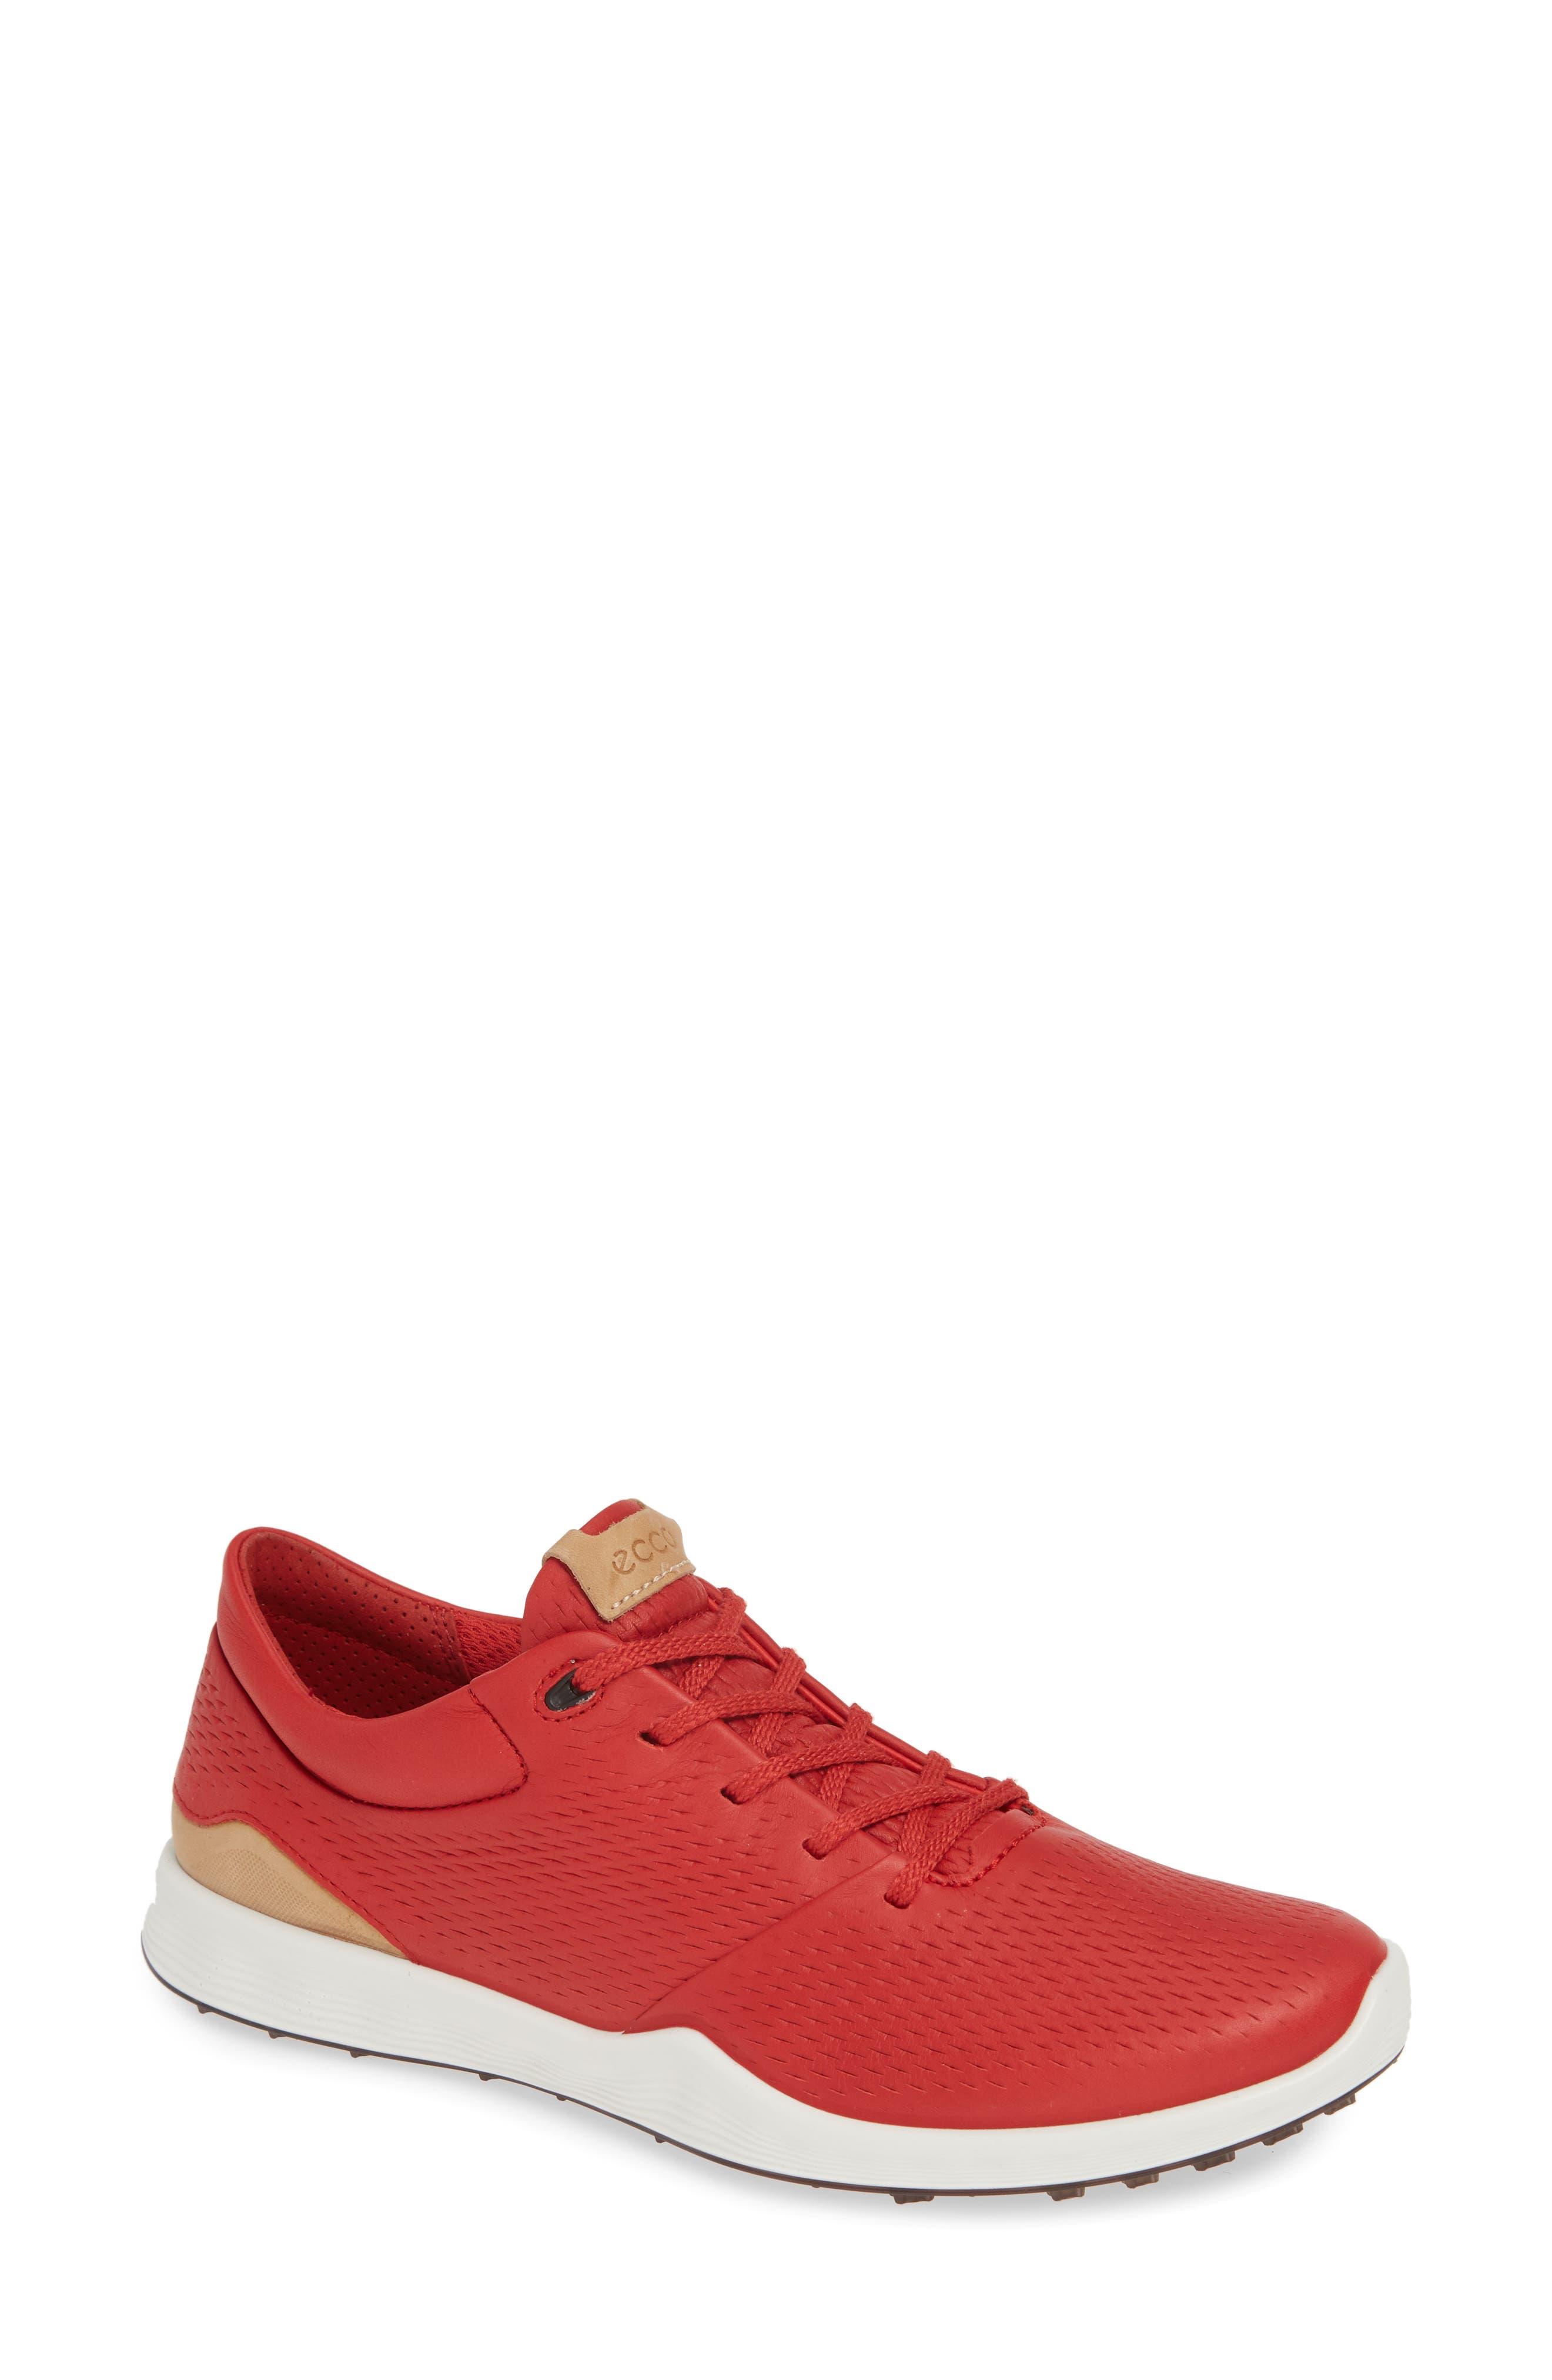 Ecco S-Lite Sneaker, Red